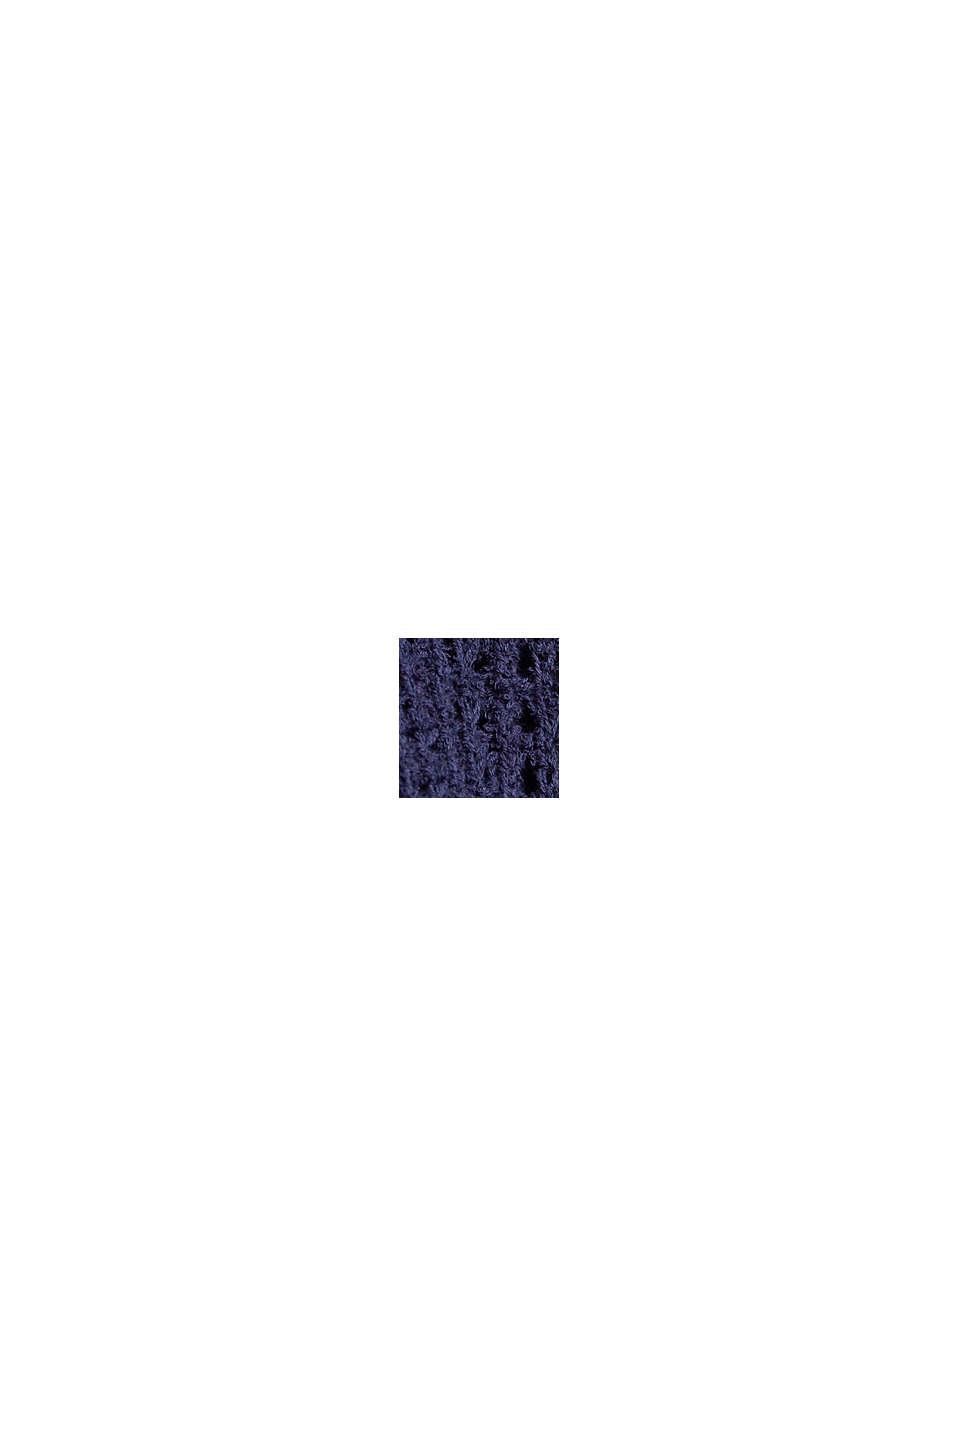 Pull-over à manches courtes en coton biologique, NAVY, swatch